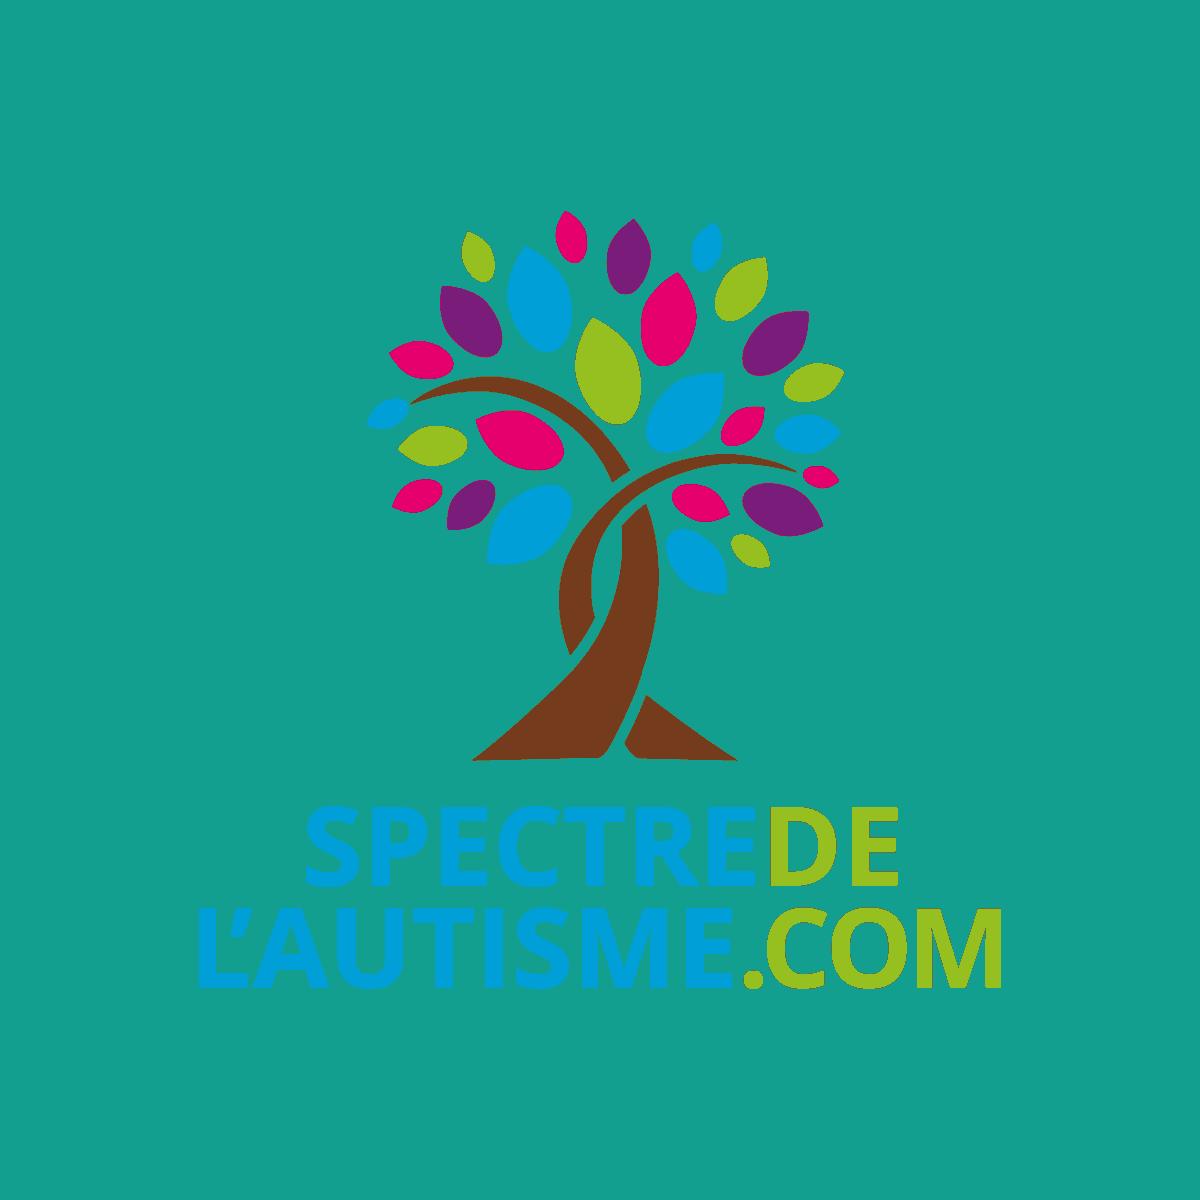 Logo Spectre de l'autisme.com - Par Cyan Concept